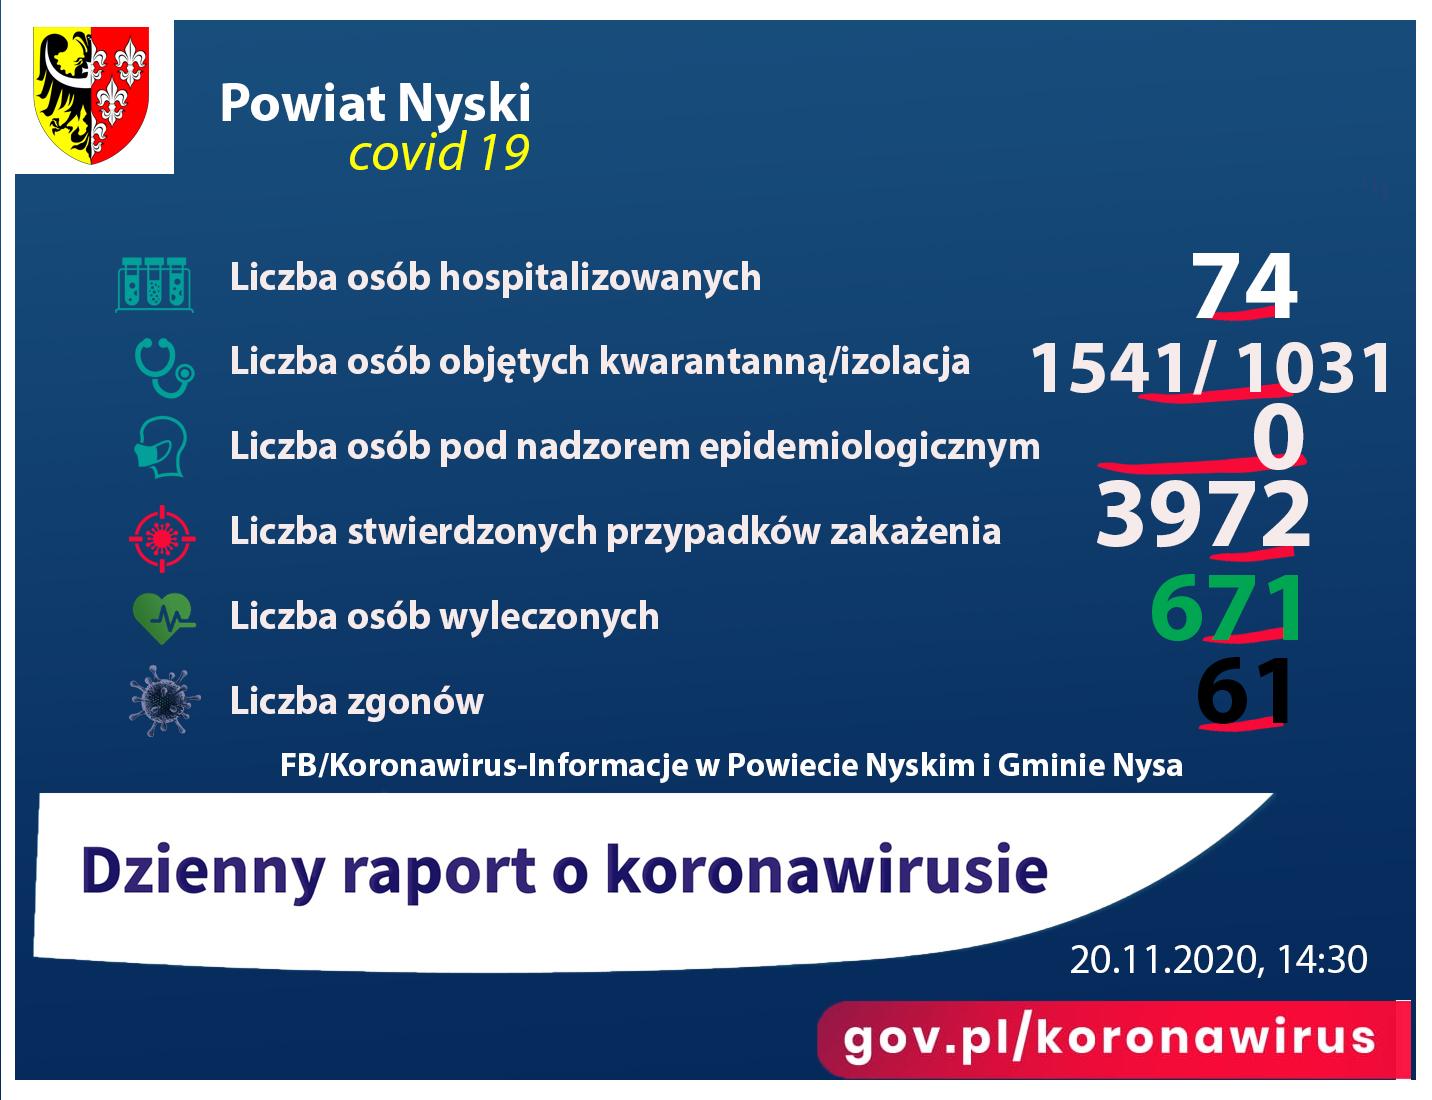 Liczba osób zakażonych 3972, hospitalizowanych - 74, ozdrowieńców - 671, zgonów 61